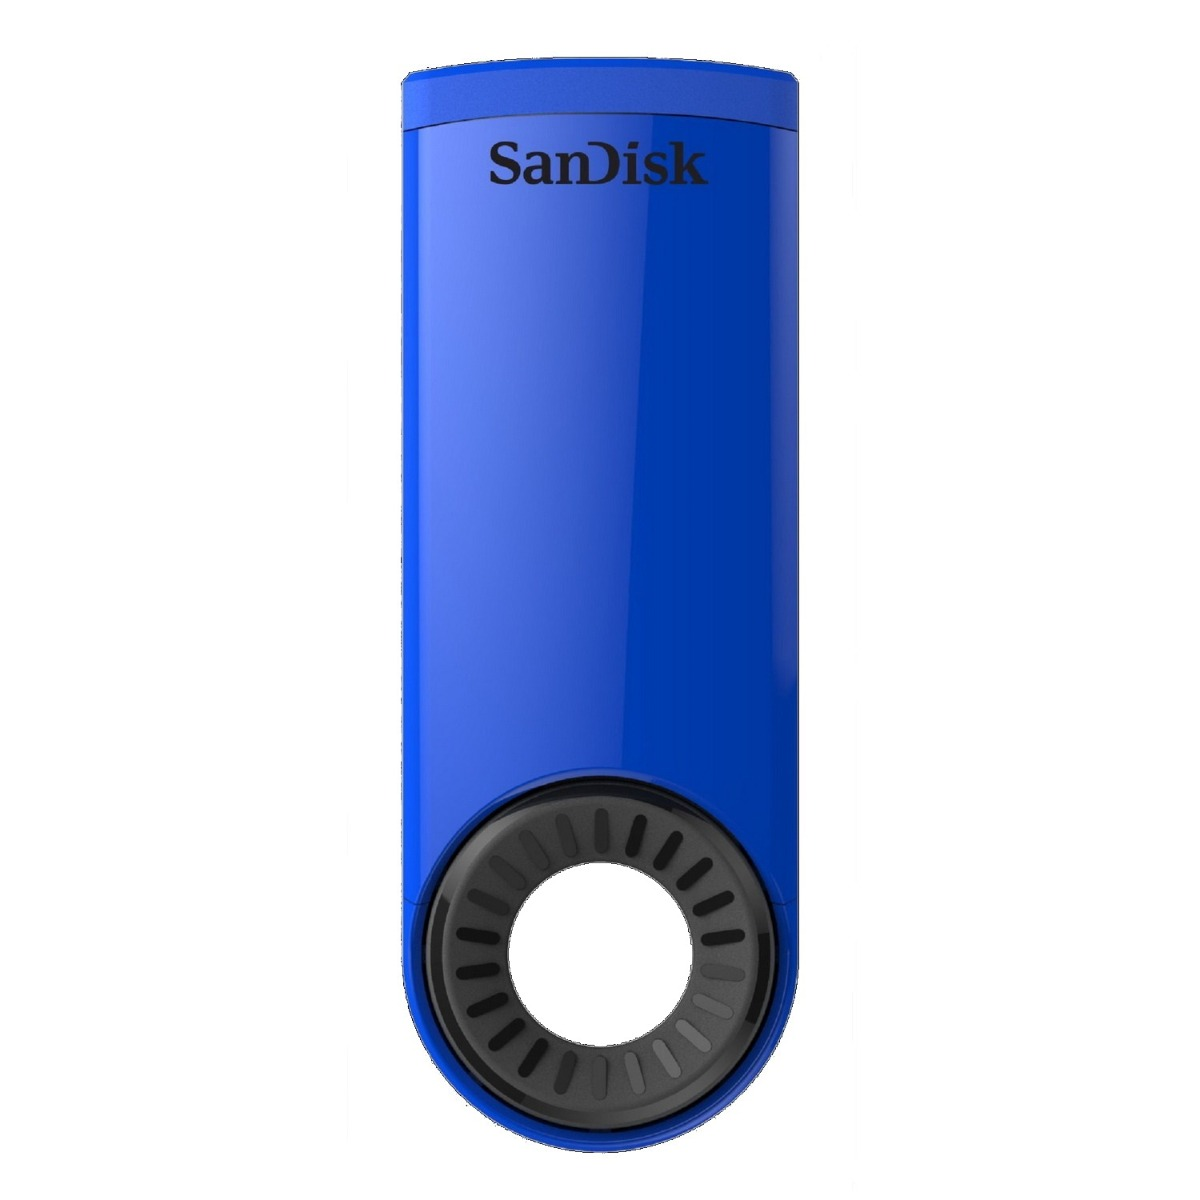 แฟลชไดร์ (16 GB, สีน้ำเงิน) รุ่น SDCZ57_016G_B35